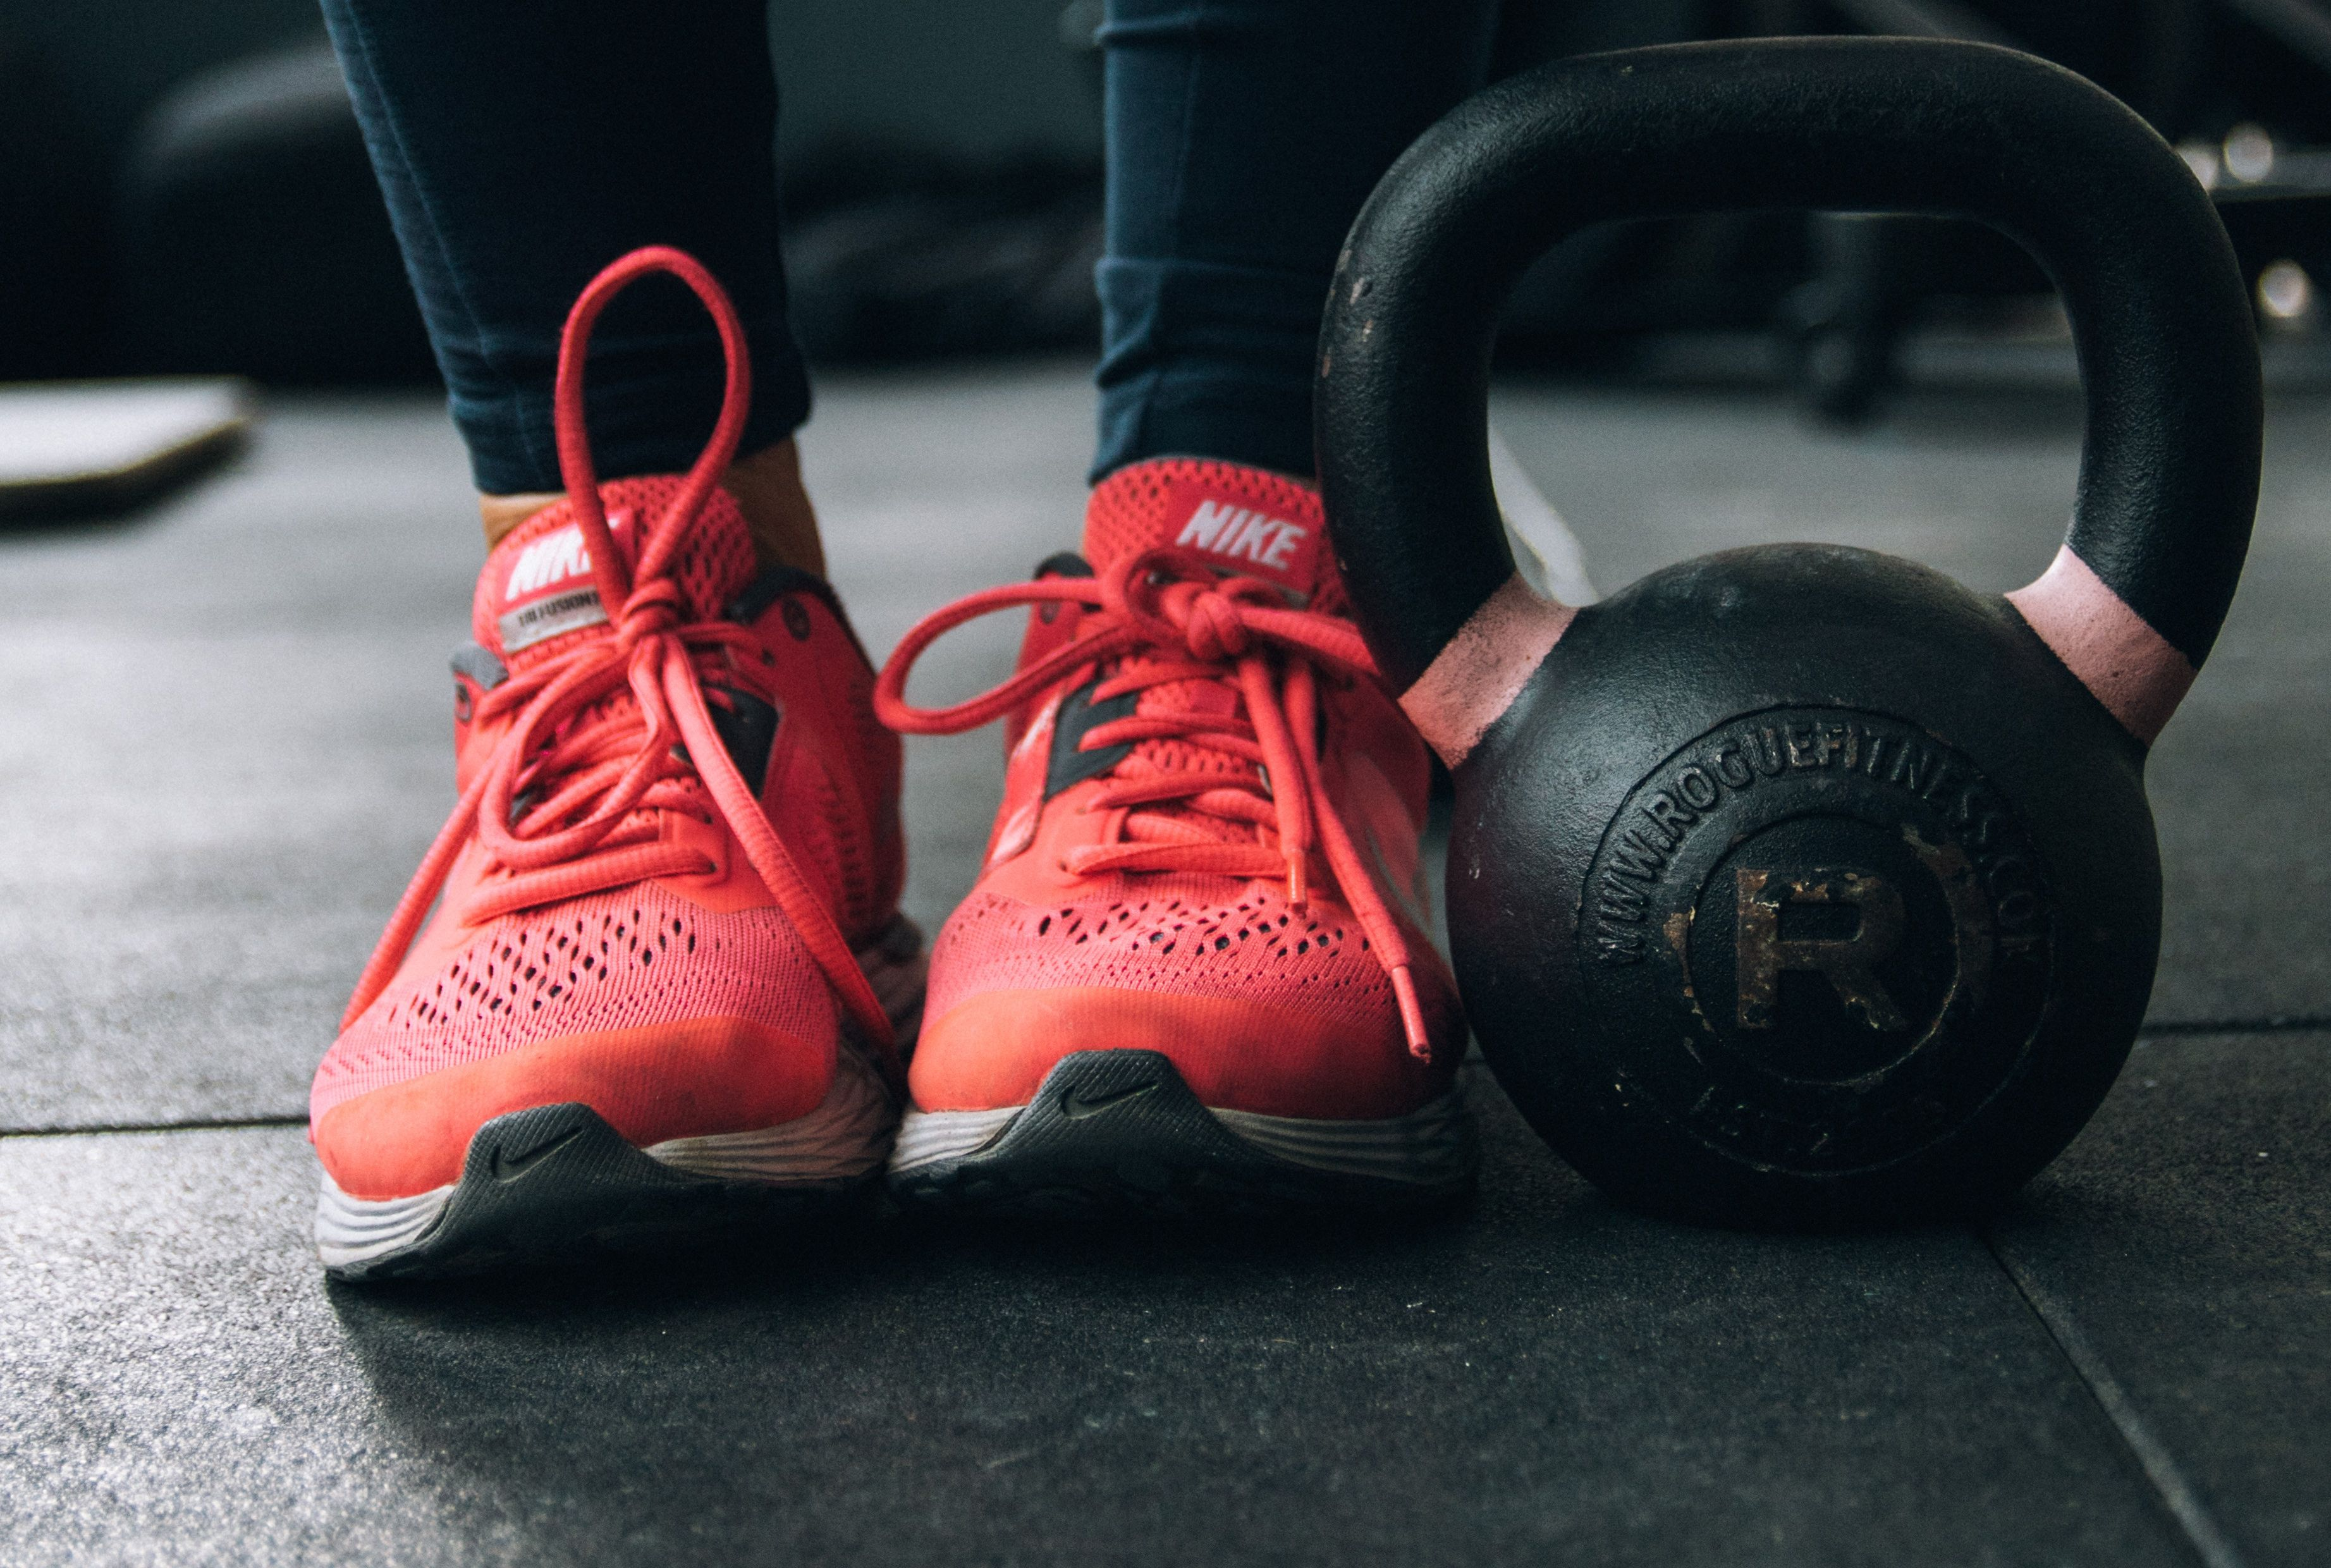 Entrenamiento deportivo, HIT, bajar de peso, deporte, gimnasio, nike, zapatillas de deporte. MediQuo, tu amigo médico, chat médico. Entrenador personal.